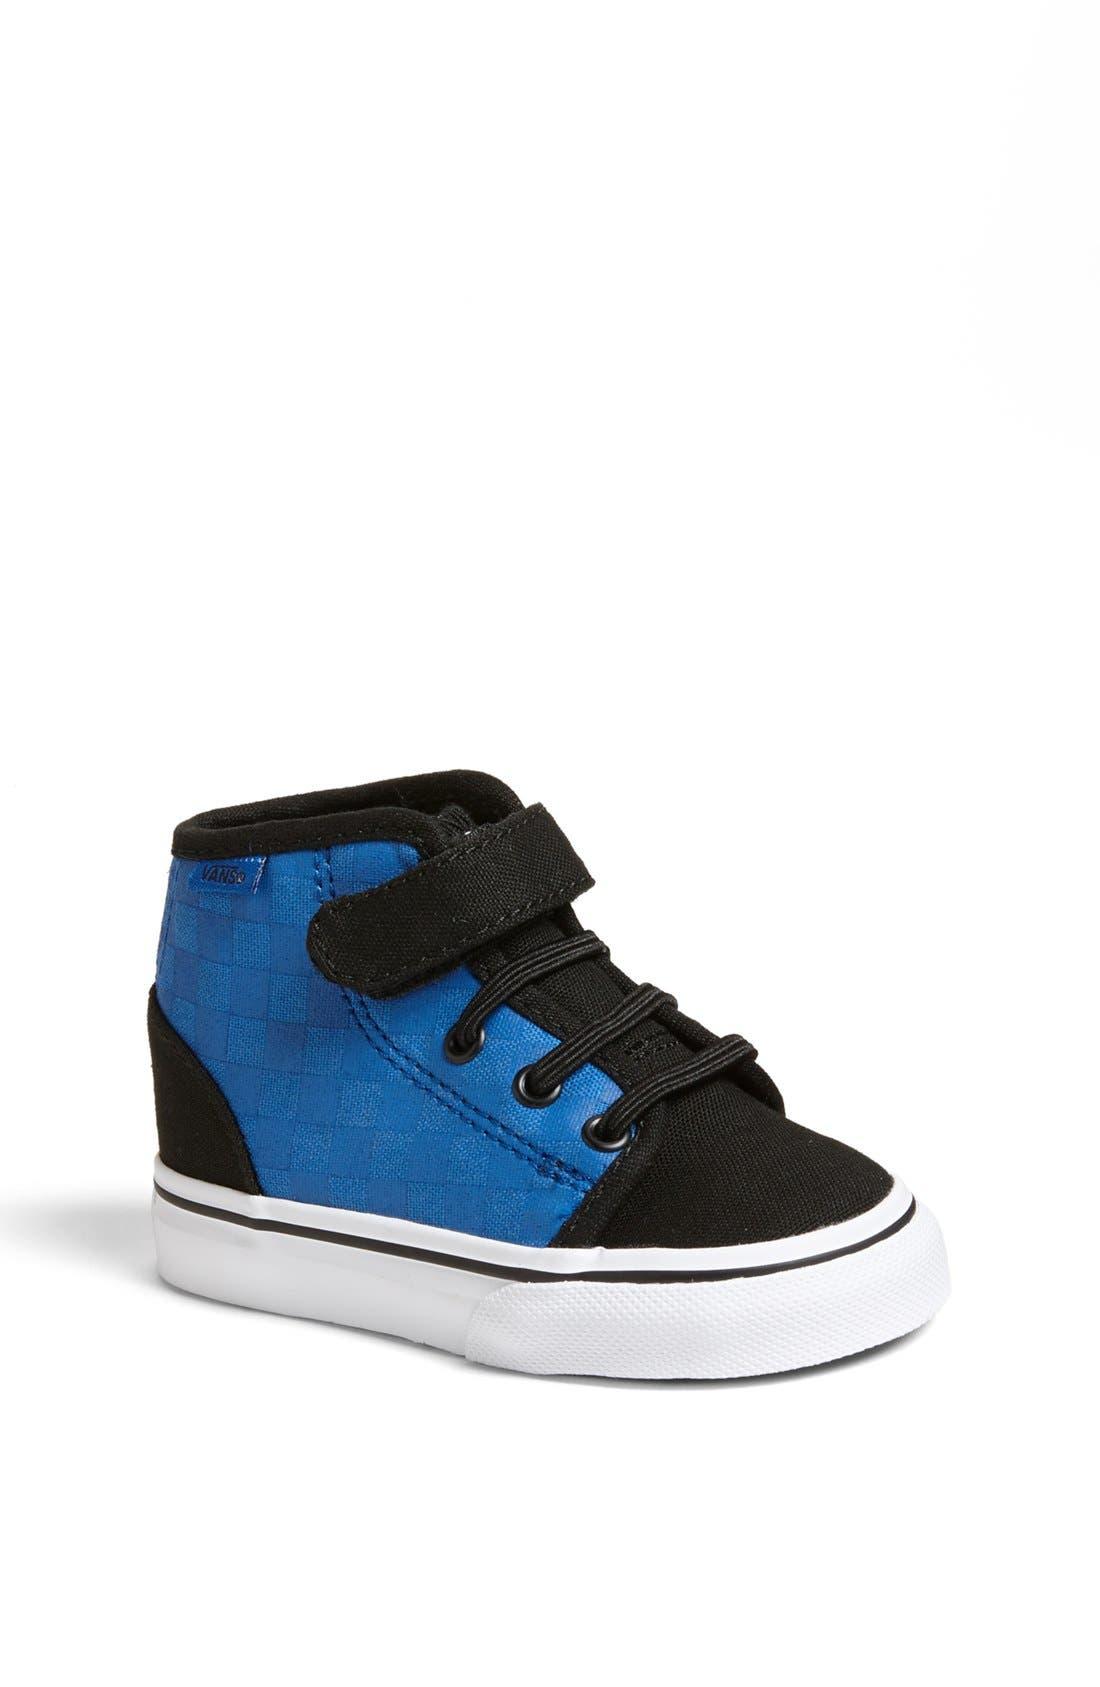 Alternate Image 1 Selected - Vans High Top Sneaker (Baby, Walker & Toddler)